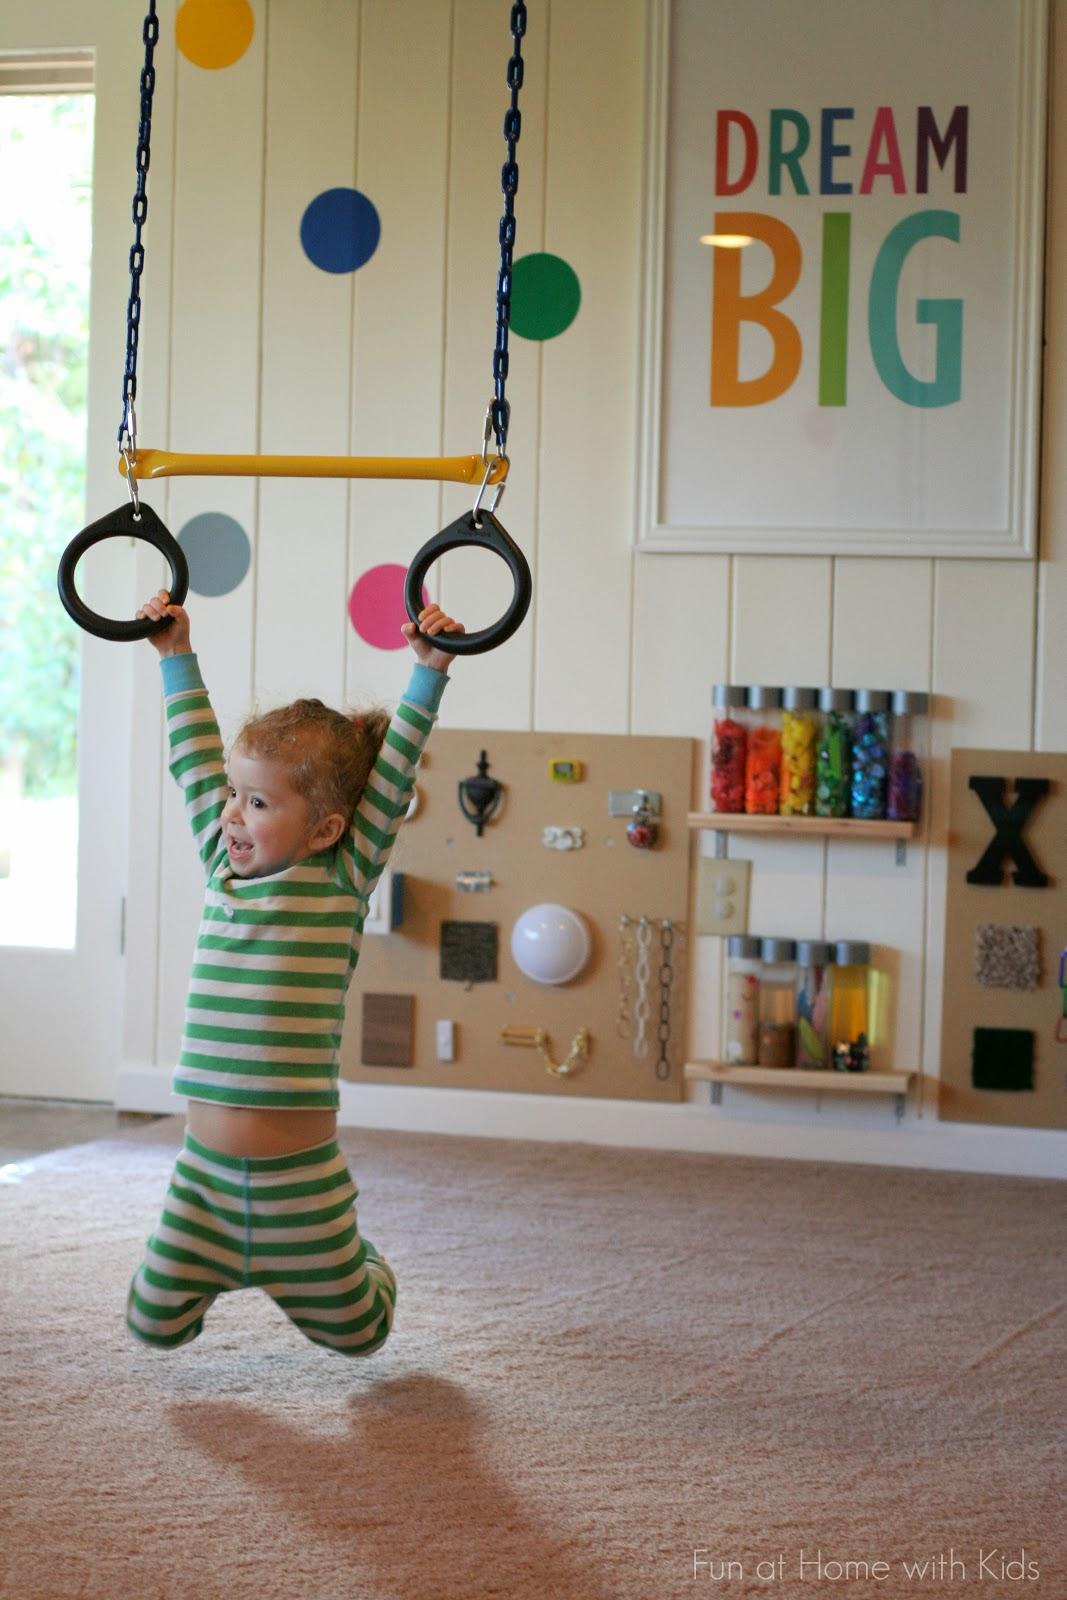 Ideas Playroom Buscando dibujos necesitaban algunas ideas playroom sala de juegos están aquí (aquí 16000woodworkingdrawings http, haga clic aquí http)